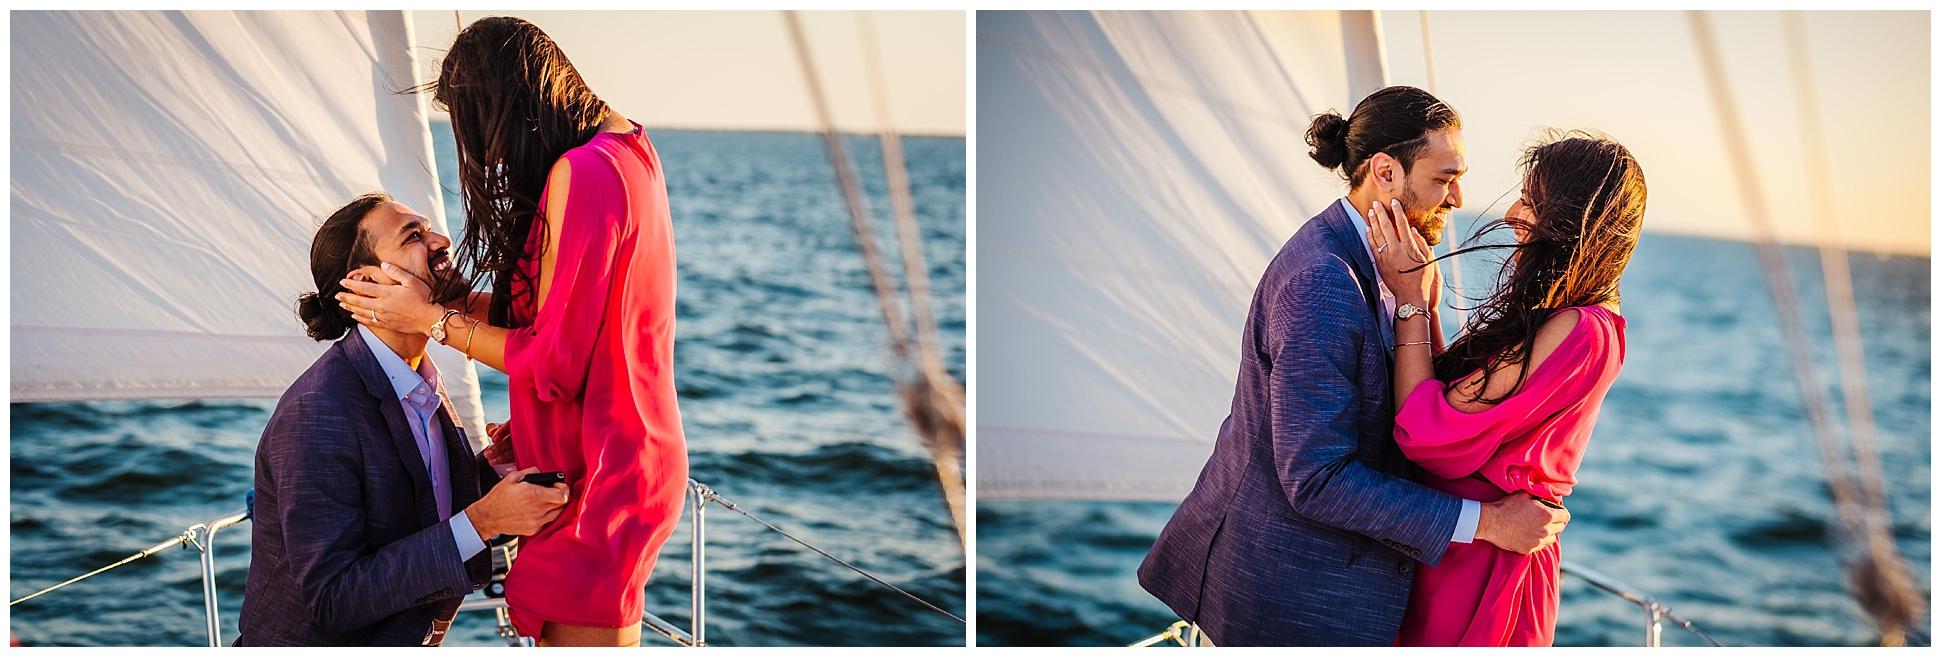 tampa bay-sailboat-sunset-proposal-engagememnt_0008.jpg